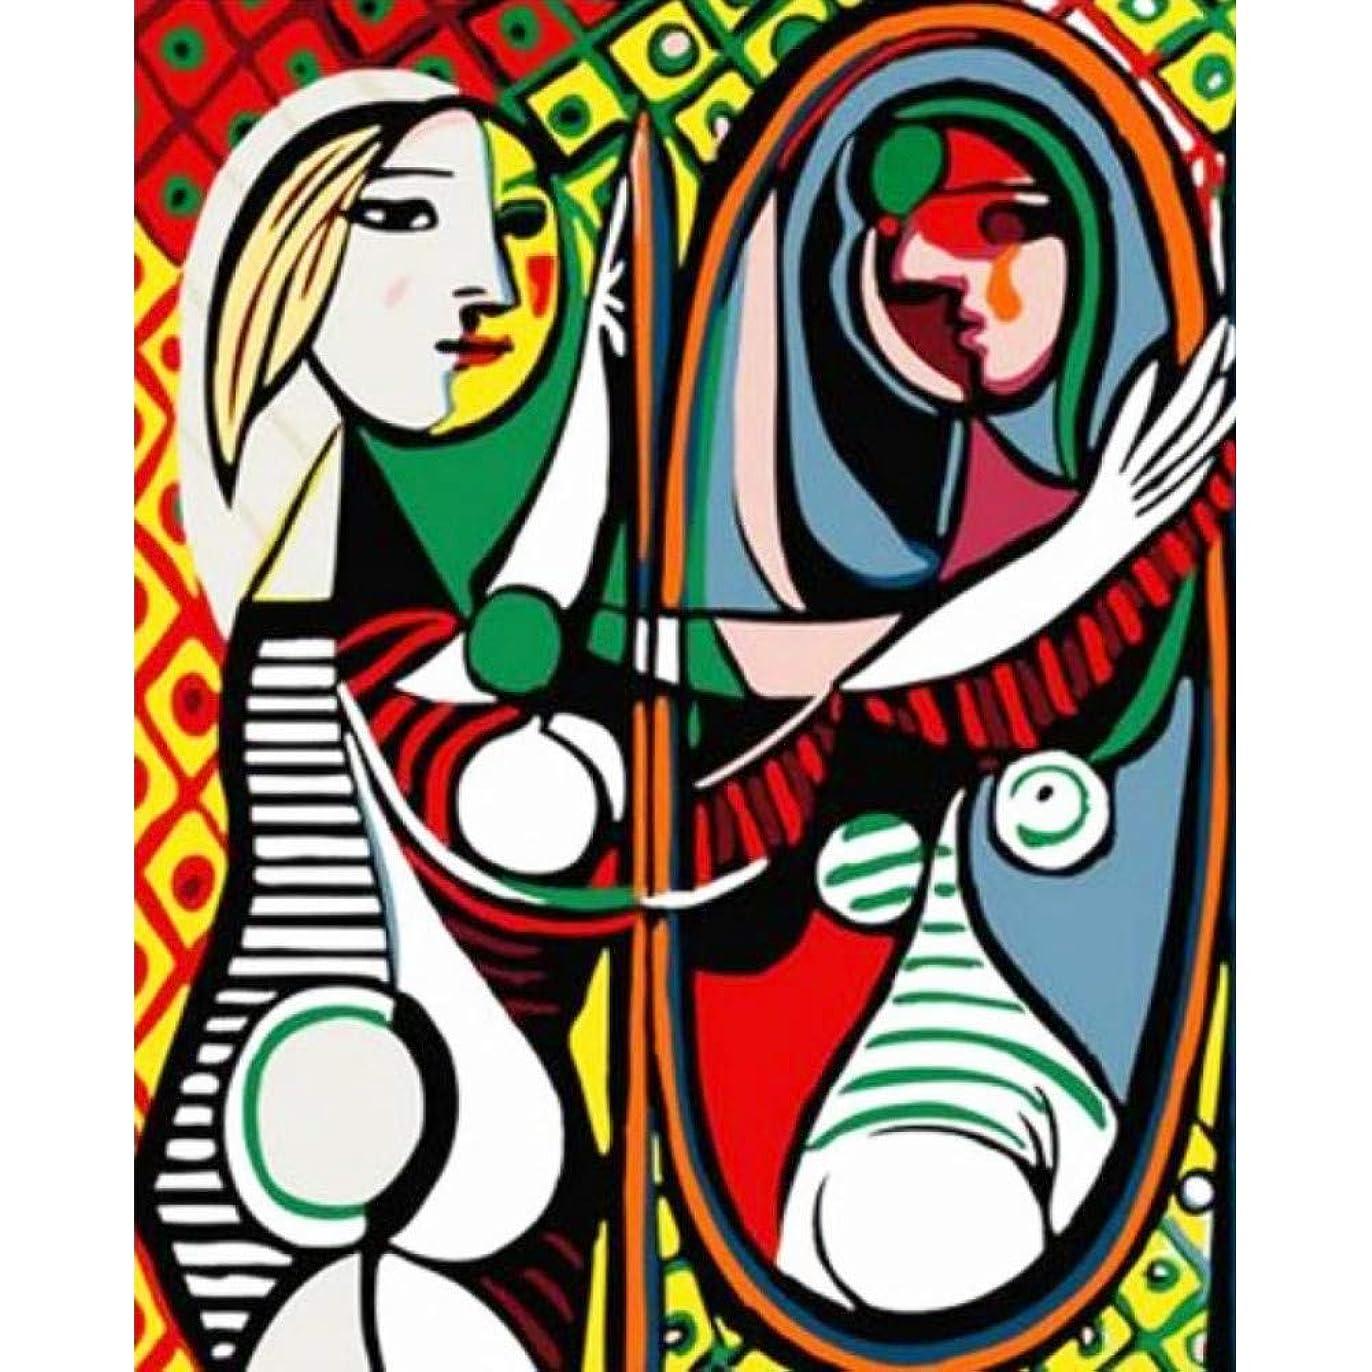 加入進捗かりてFUBUNL 油絵デジタルツールキット手描きデジタル油絵DIY絵画40x50 cmフレームレス-漫画の抽象的な女性